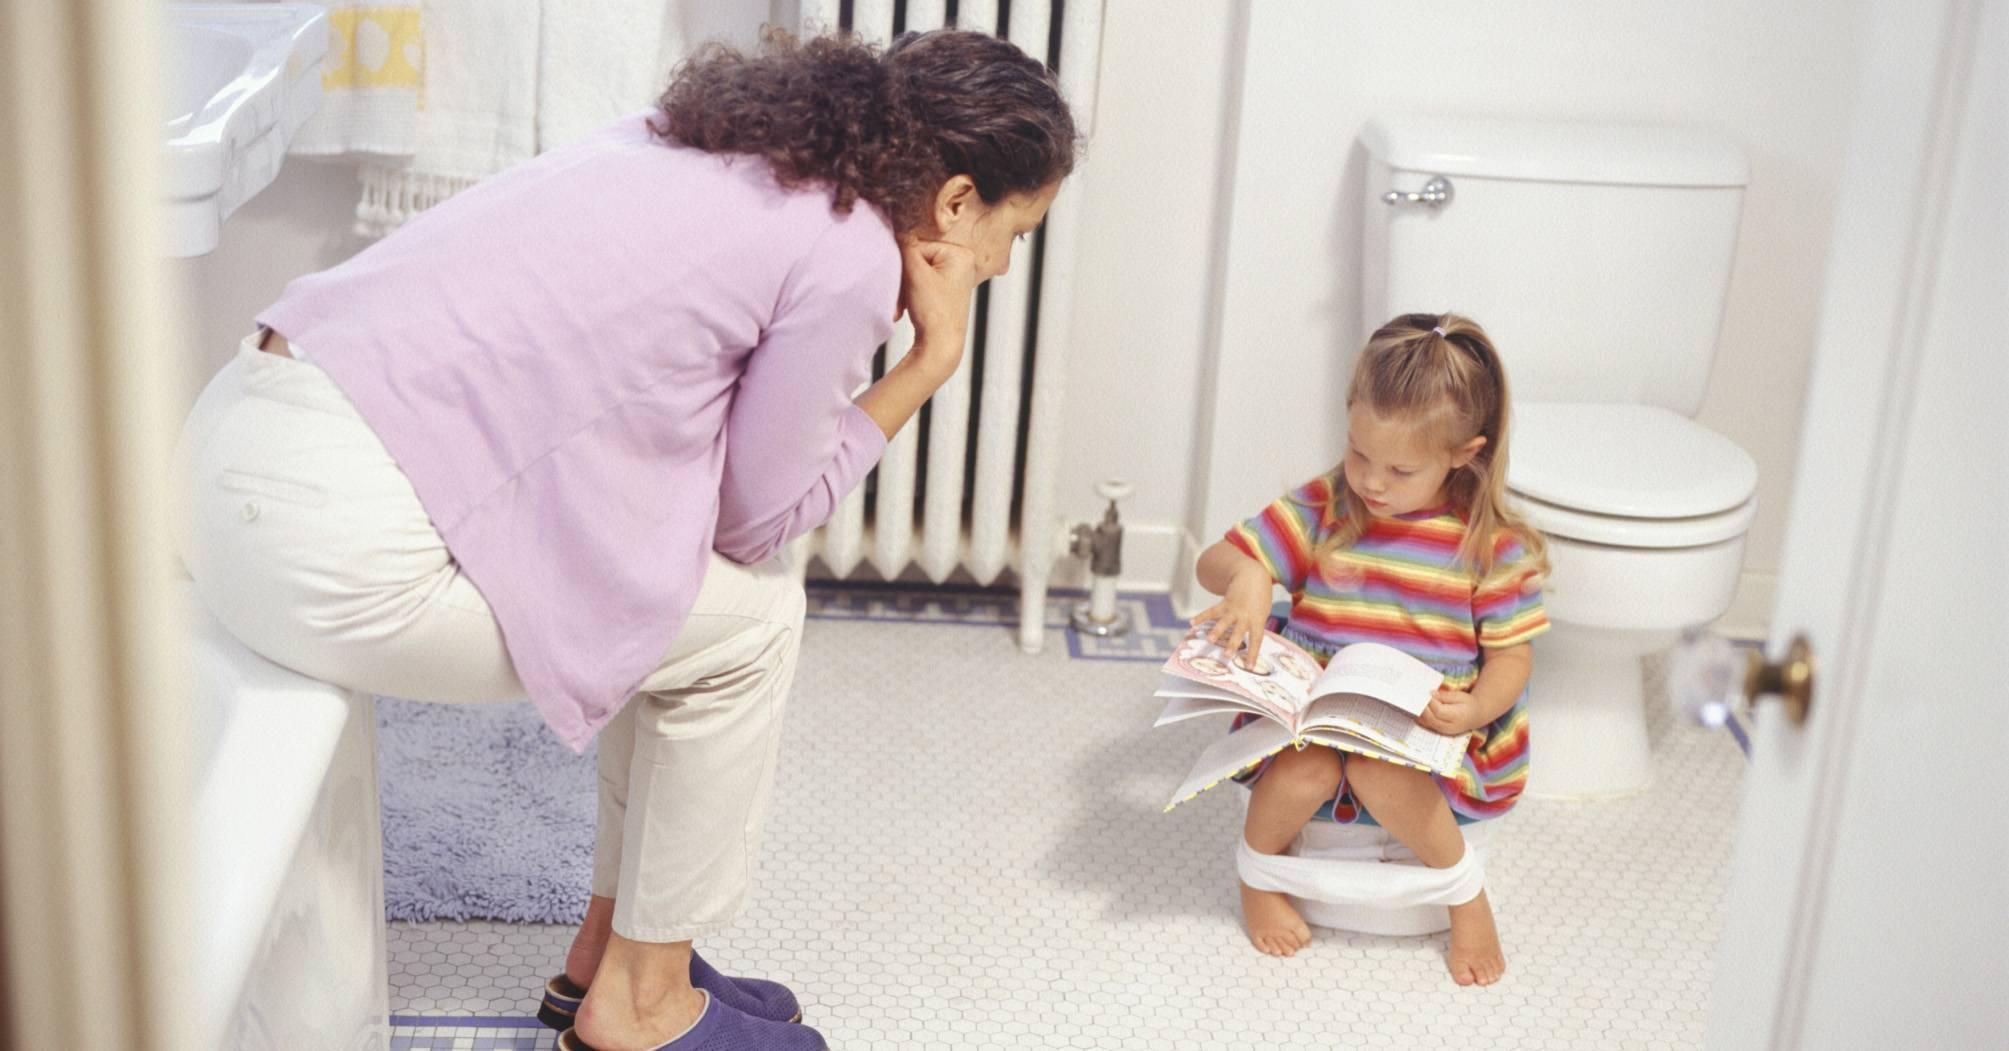 Частое мочеиспускание у детей без боли - почему ребенок постоянно ходит в туалет по-маленькому?   симптомы   vpolozhenii.com